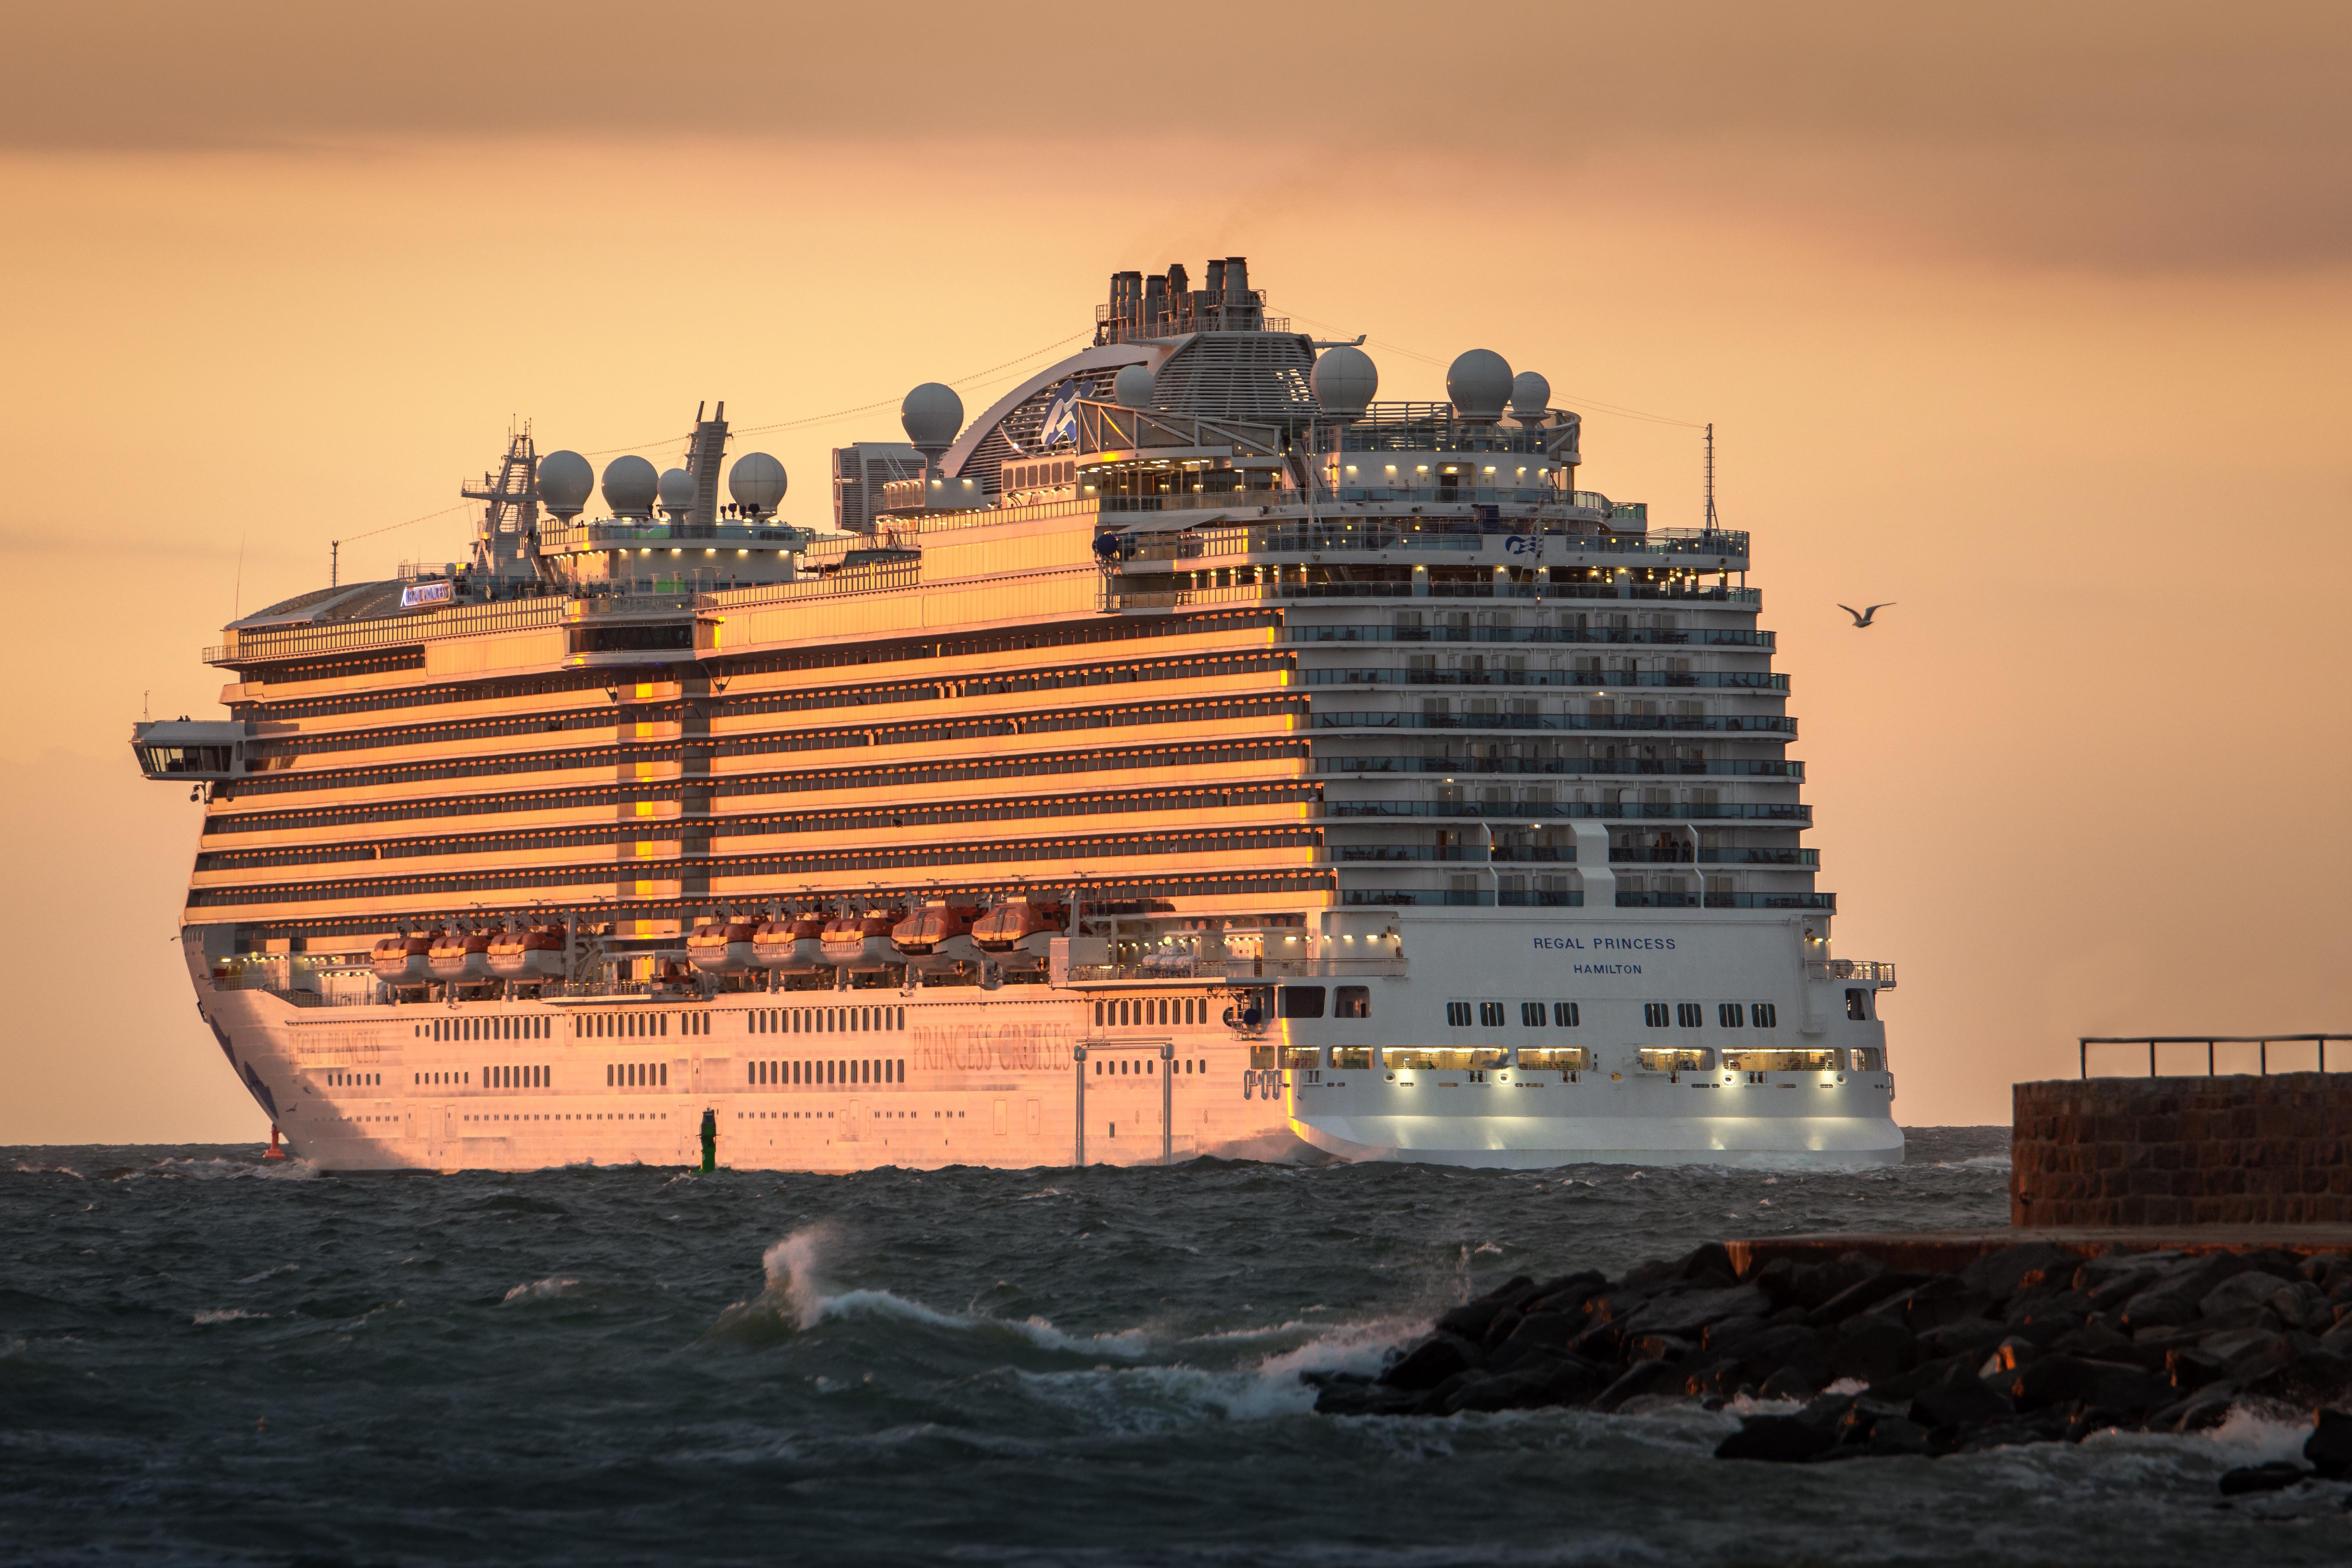 Was tun, wenn man das Kreuzfahrtschiff wegen verspäteter Anreise verpasst? Das kommt ganz darauf an, ob man auf eigene Faust oder beim Veranstalter bucht